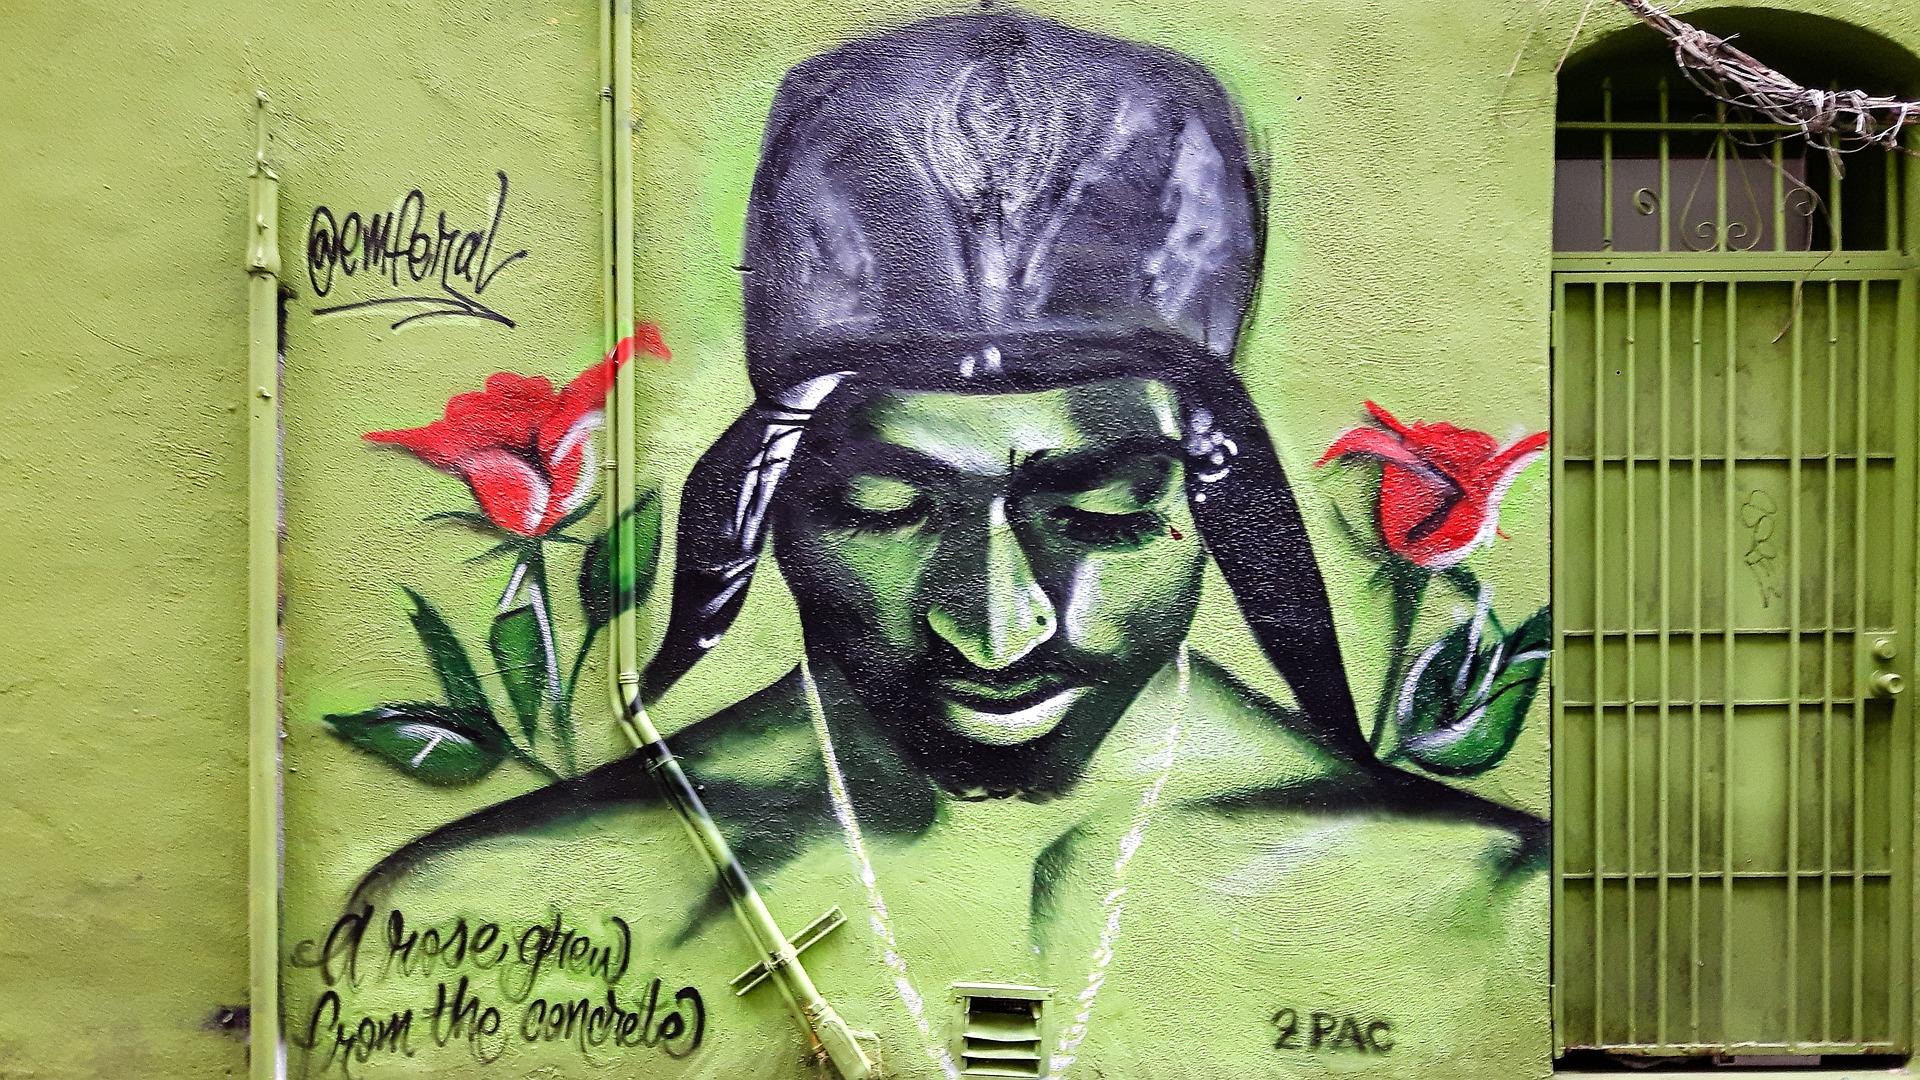 graffiti-tupac.jpg